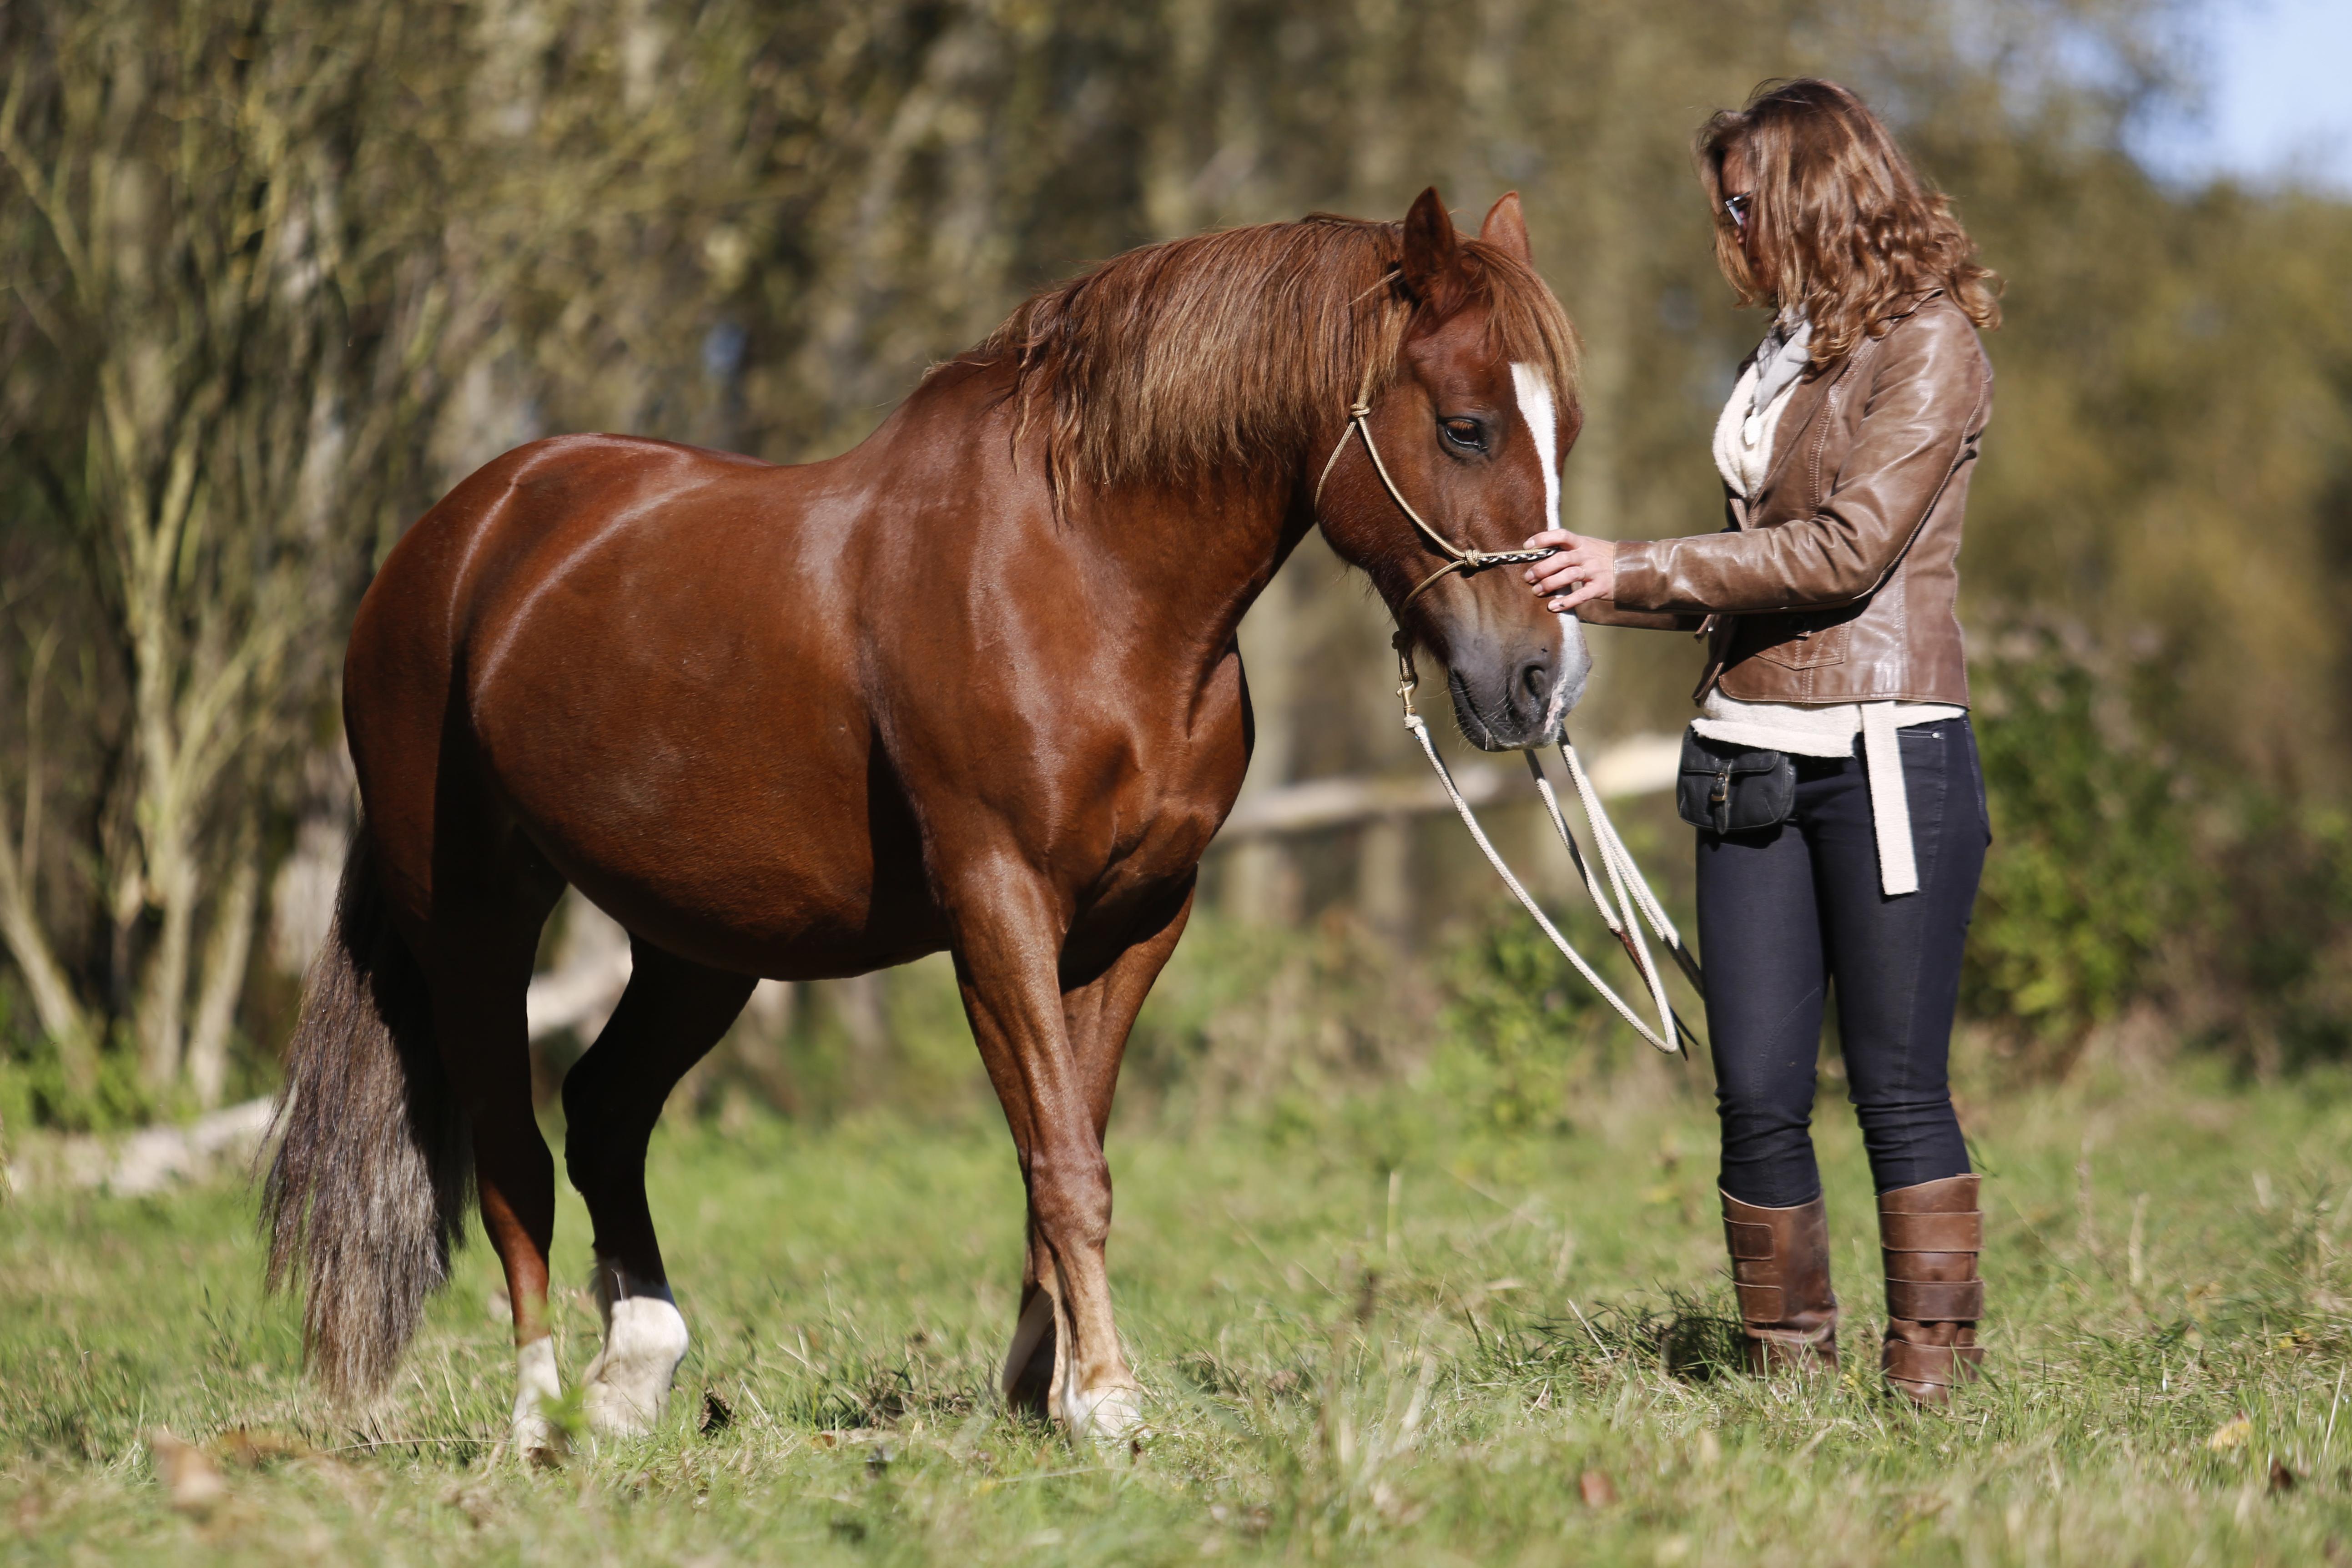 hoe snel kan een paard